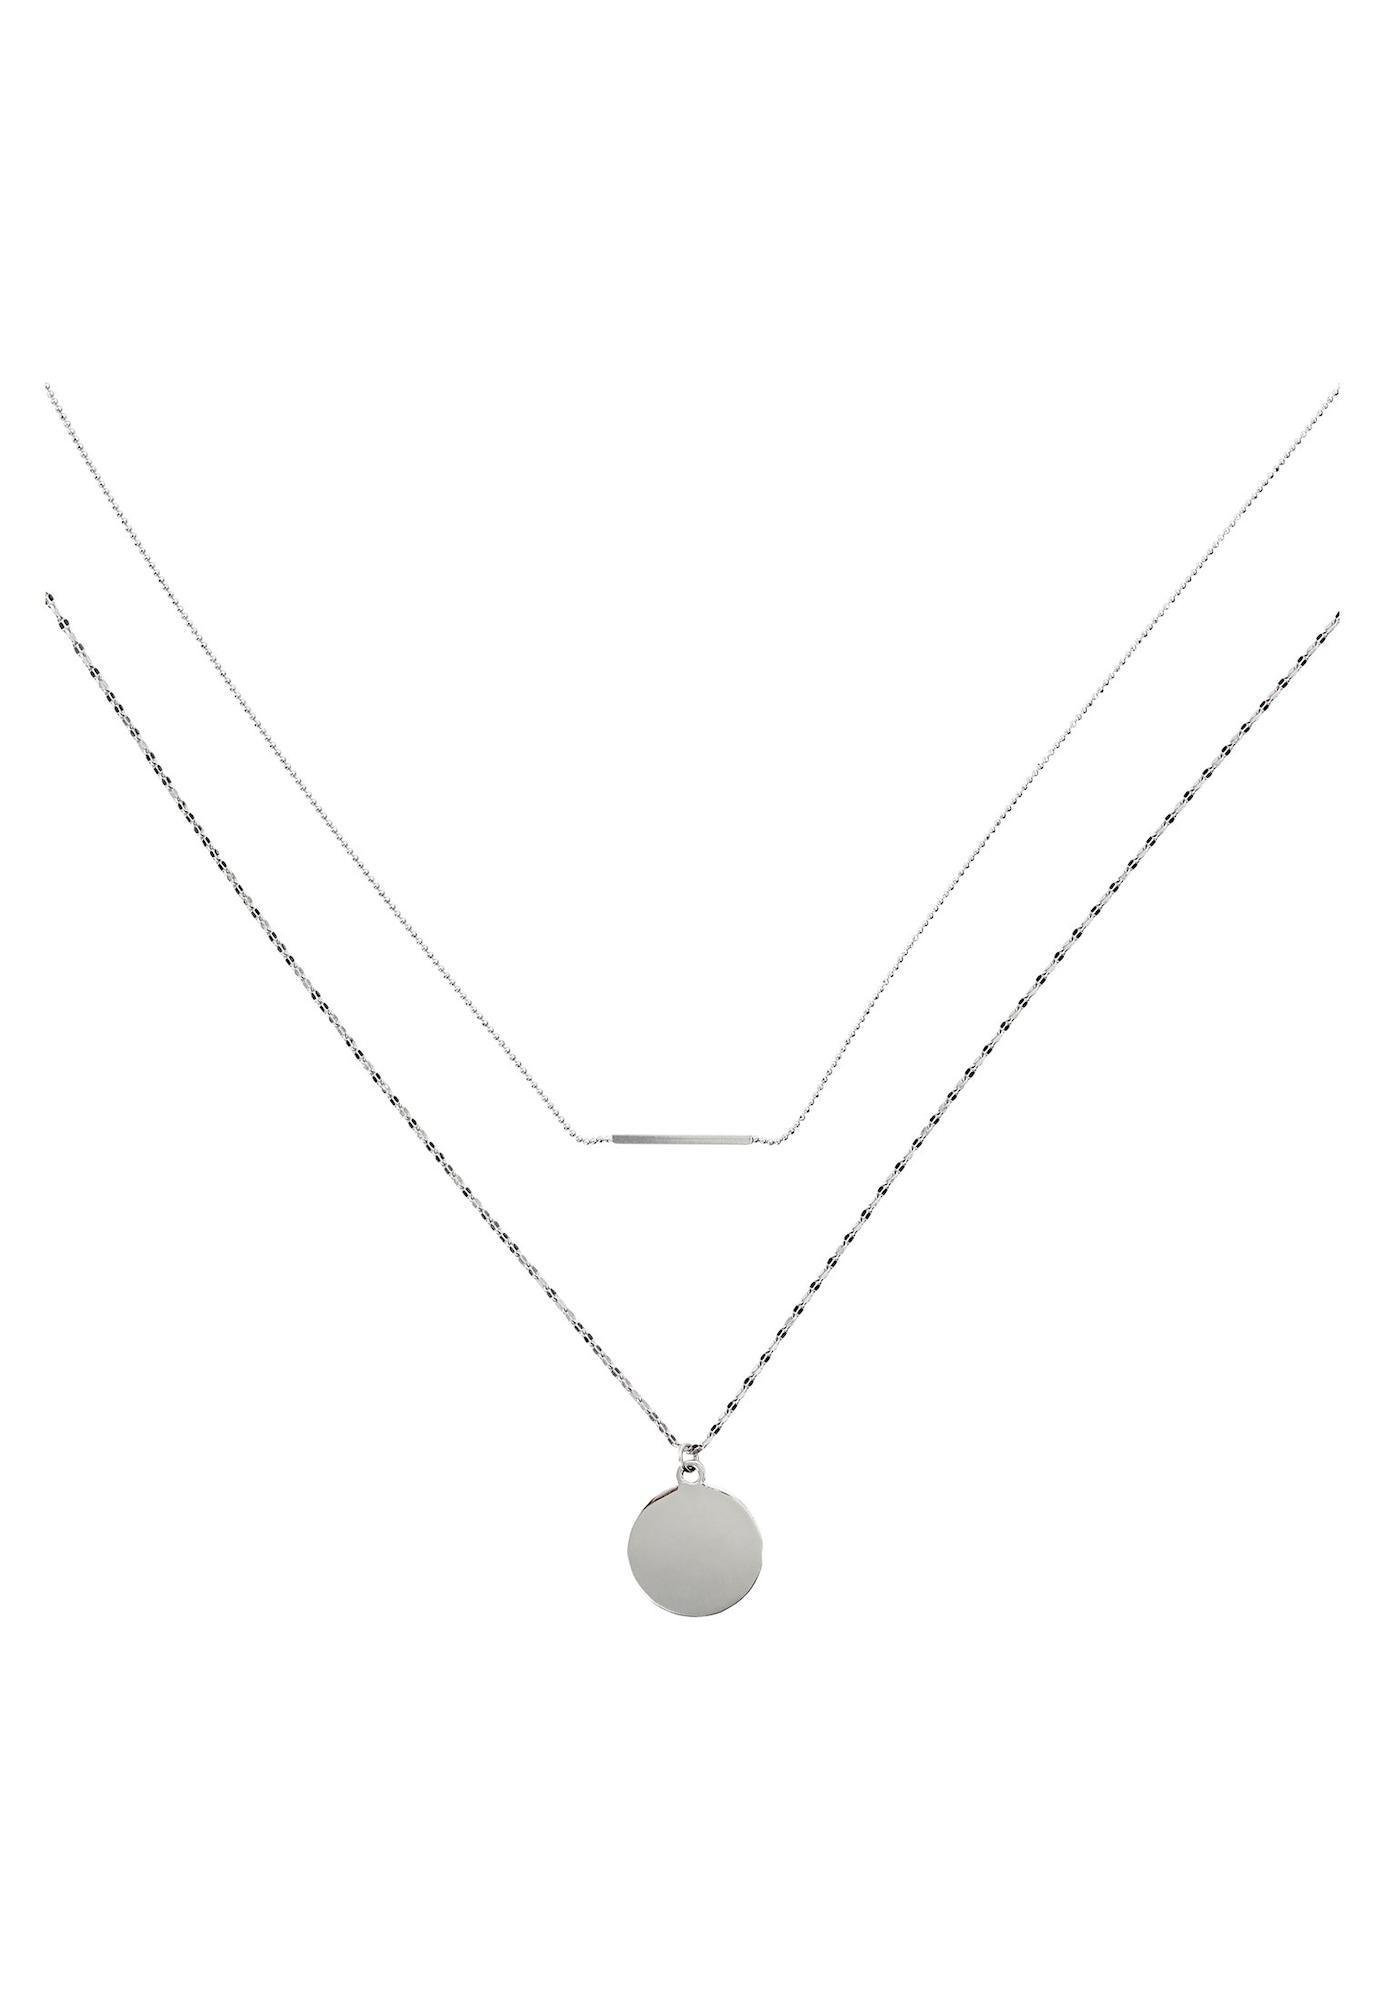 Halskette mit Taleranhänger | Schmuck > Halsketten > Lange Ketten | Silber | HALLHUBER